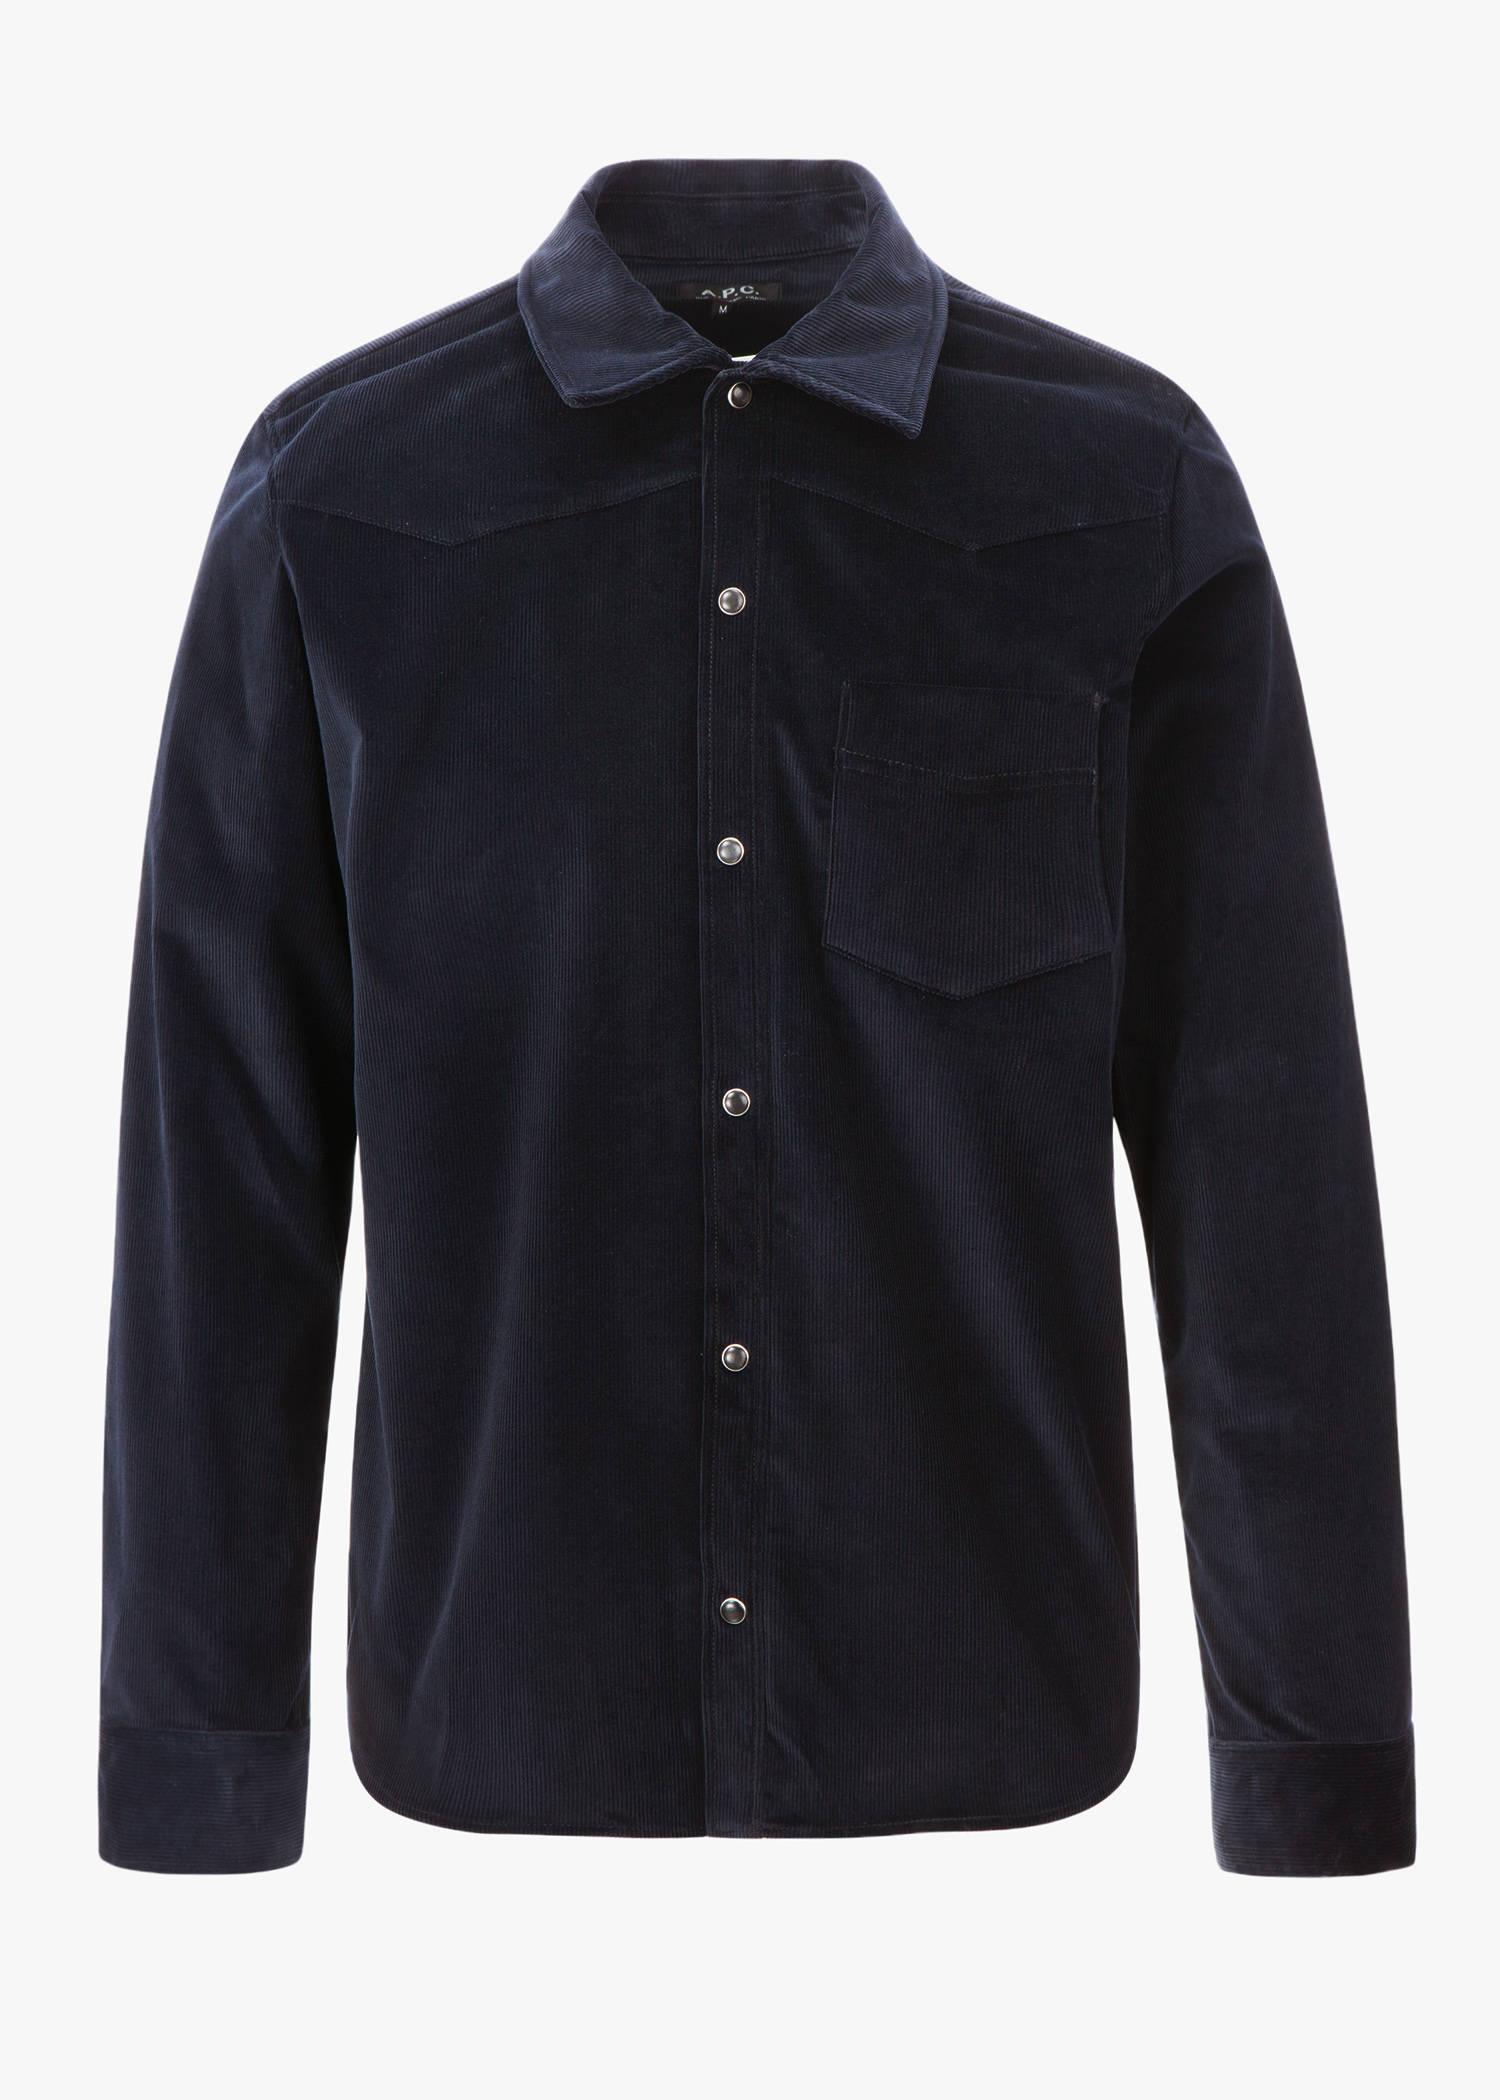 Billy Shirt In Dark Navy Blue